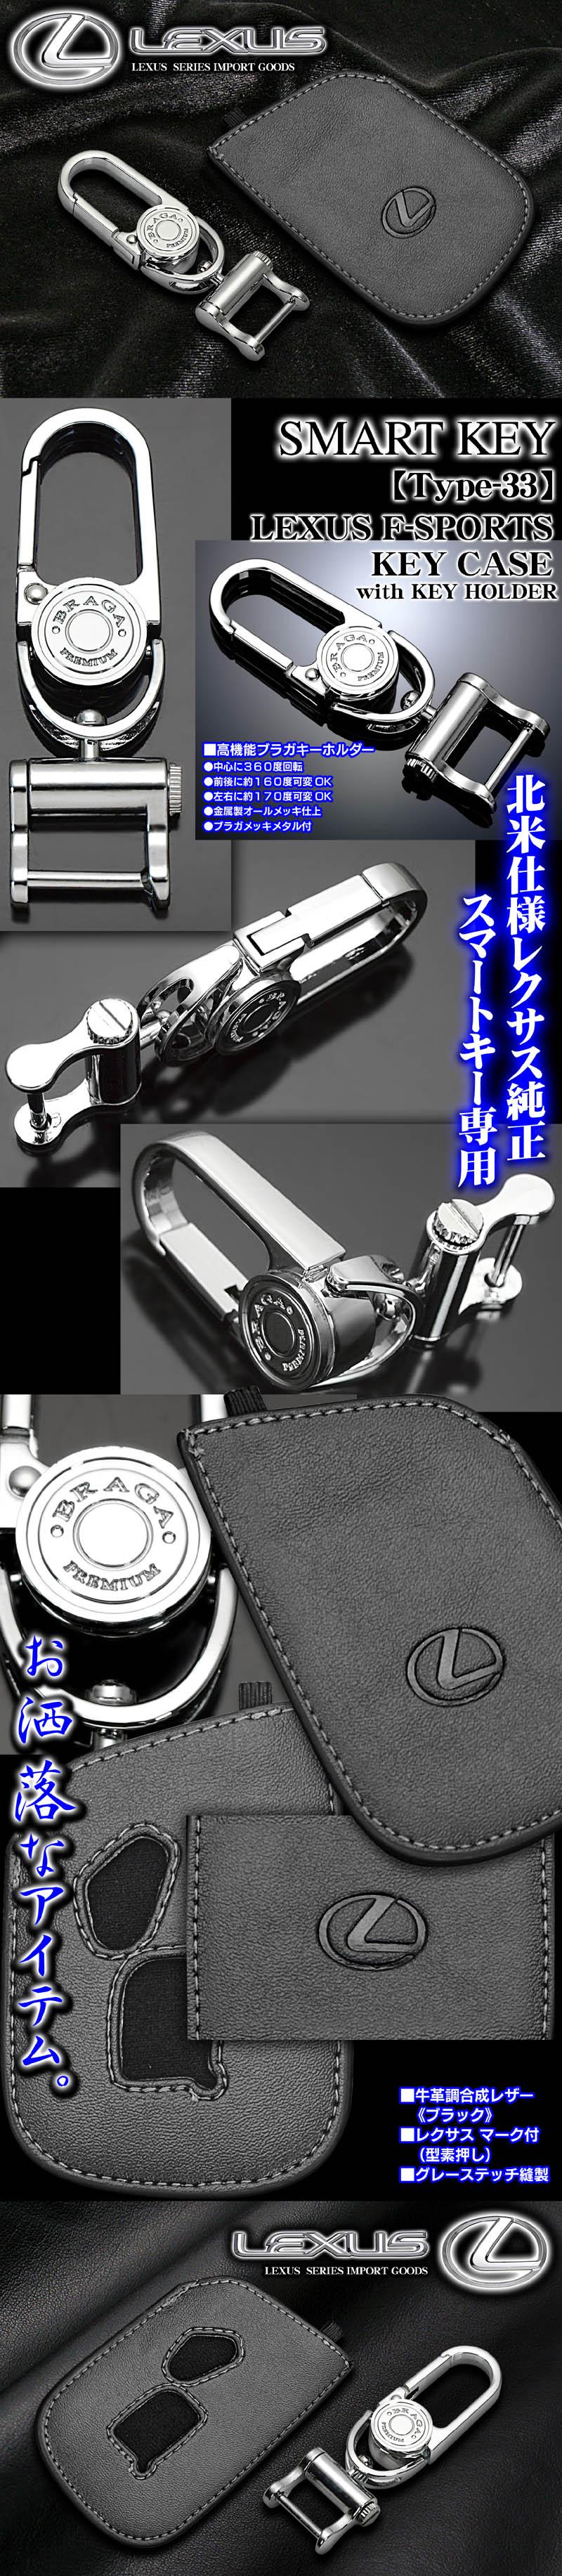 タイプ33【レクサス/スマートキー】キーケース&ブラガキーホルダー付[ブラック/牛革調合成レザー]